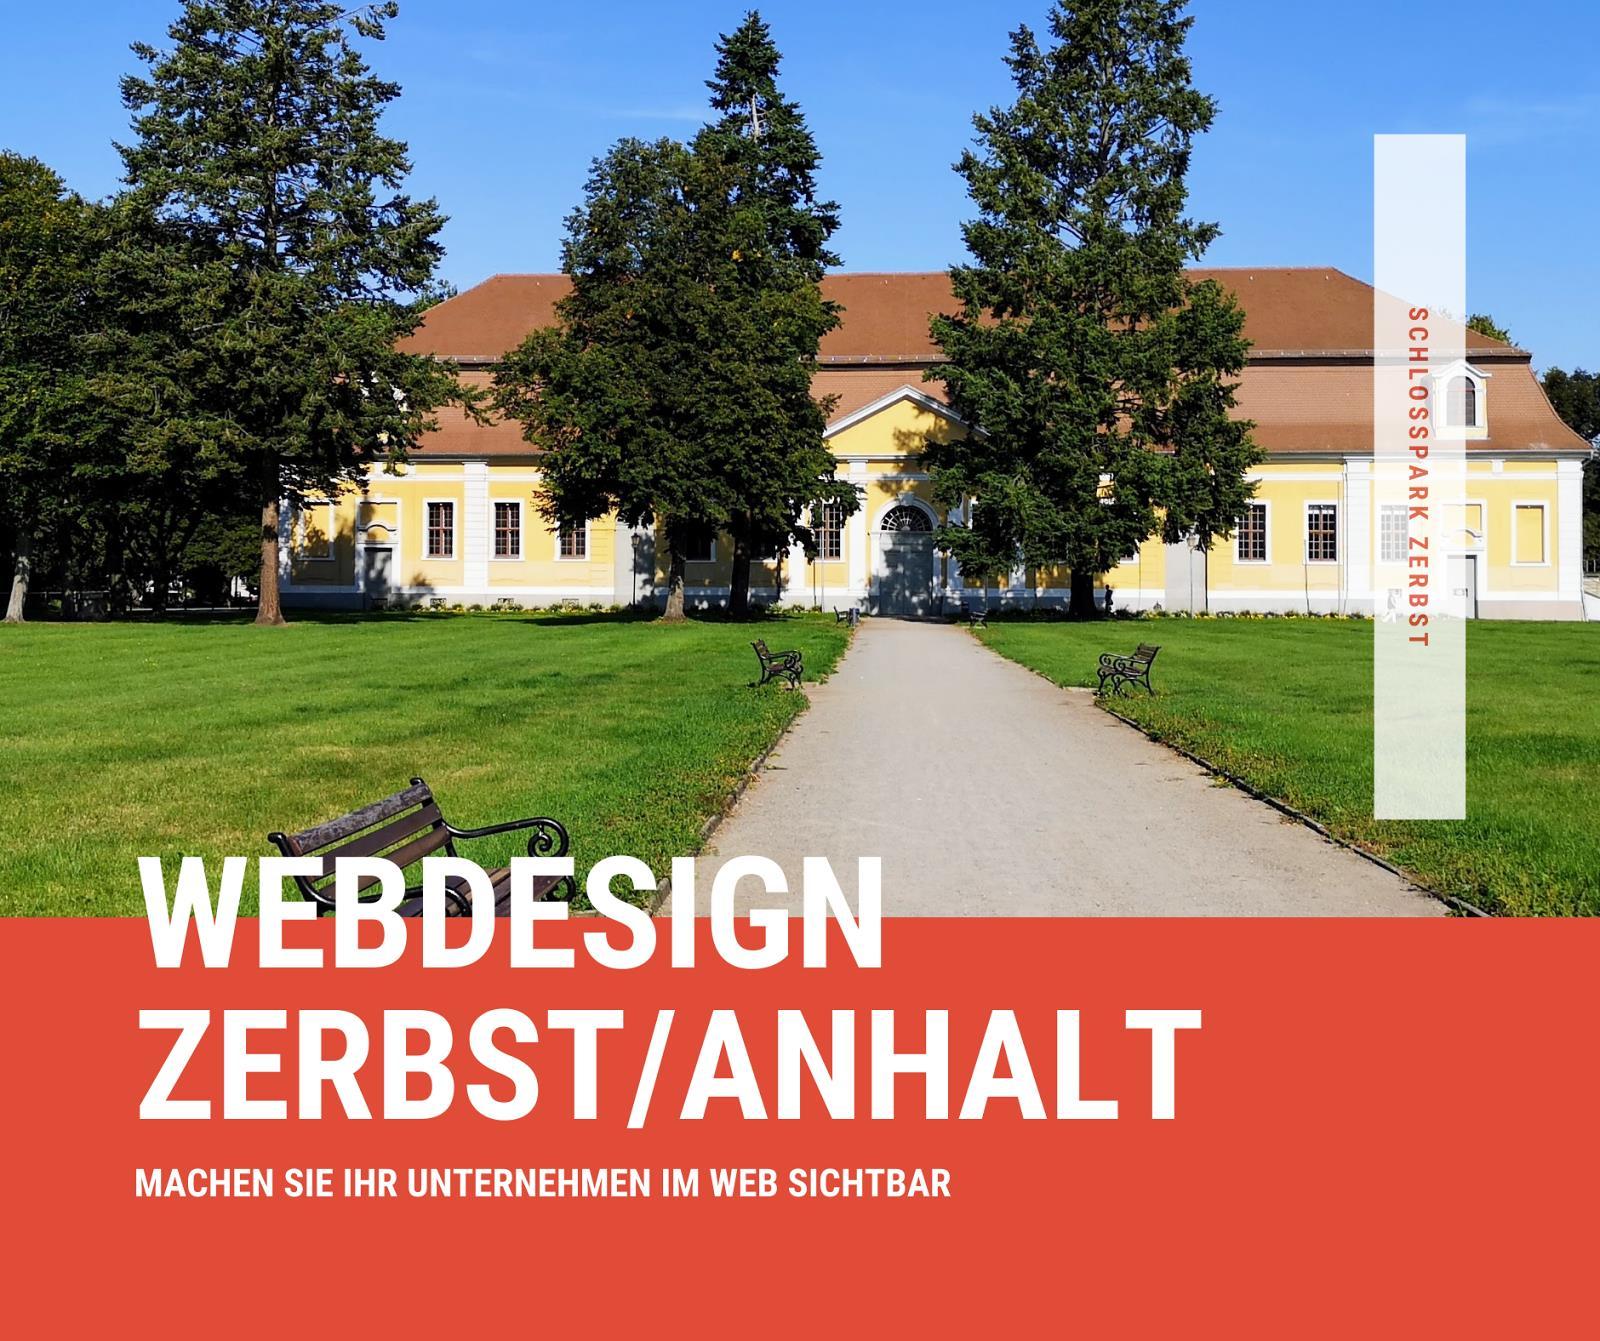 Webdesign Zerbst